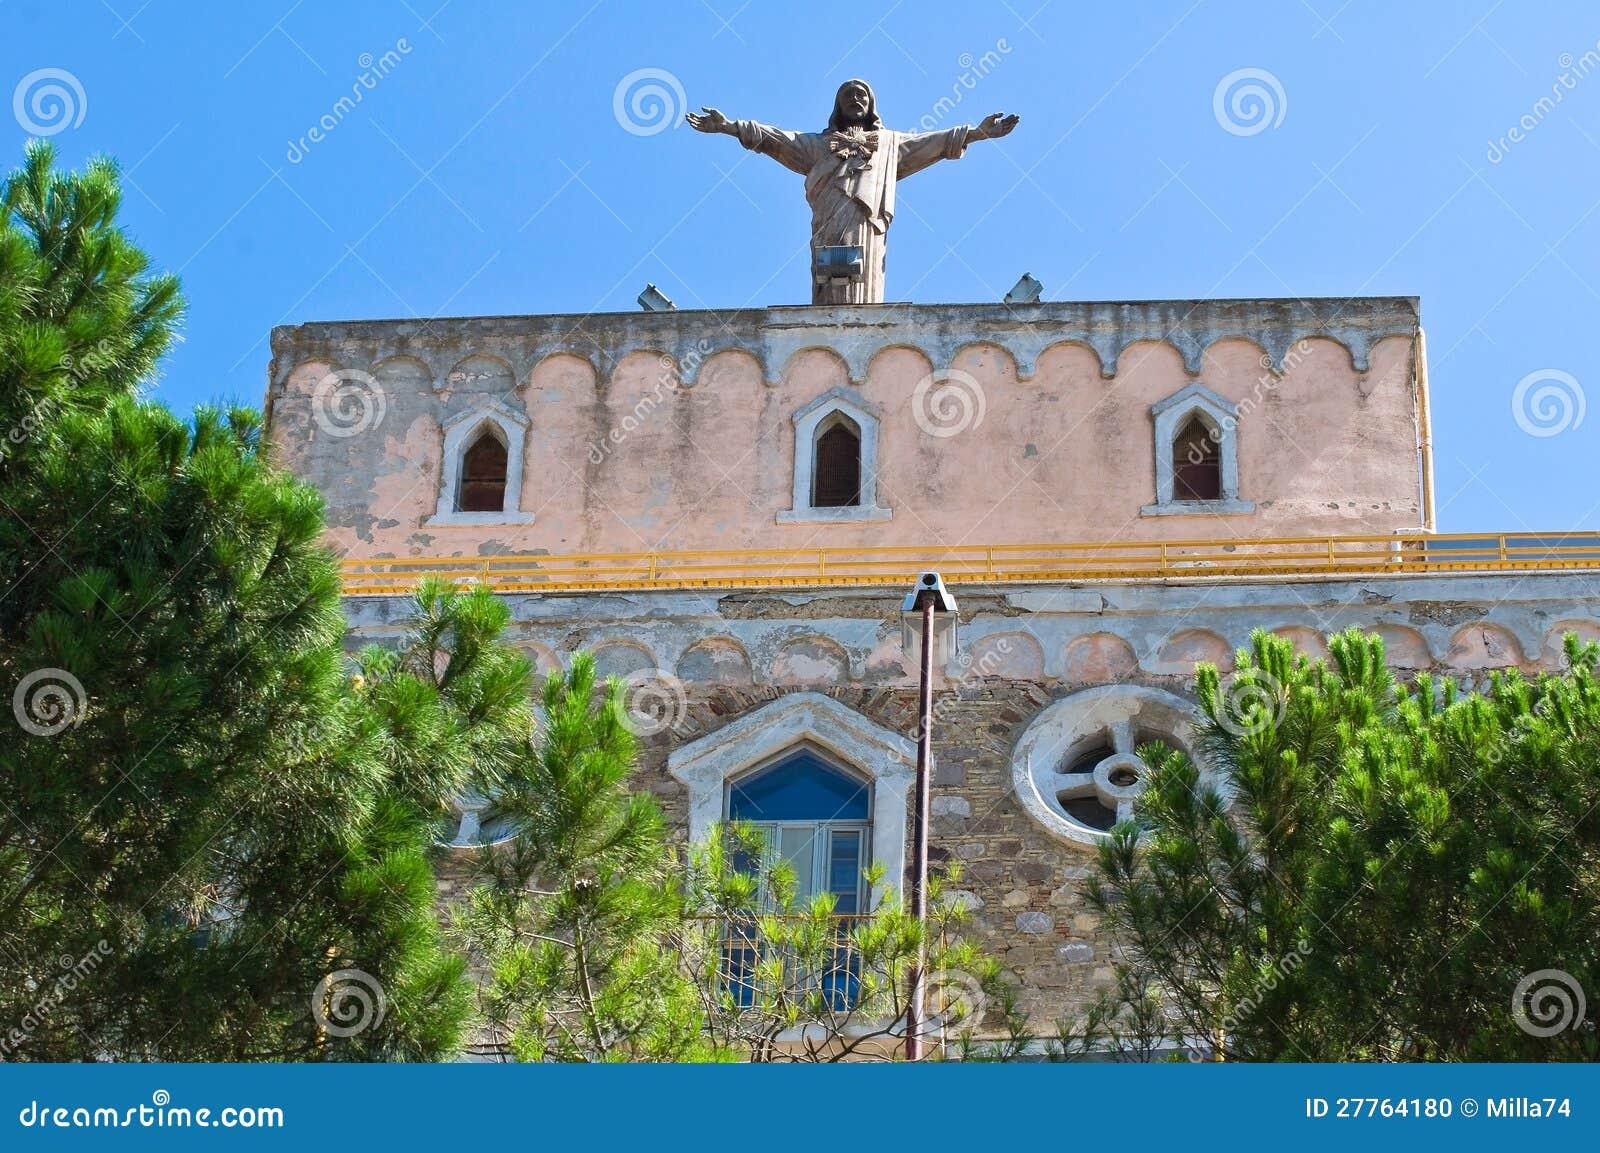 Église historique. Sant Agata di Puglia. L Italie.